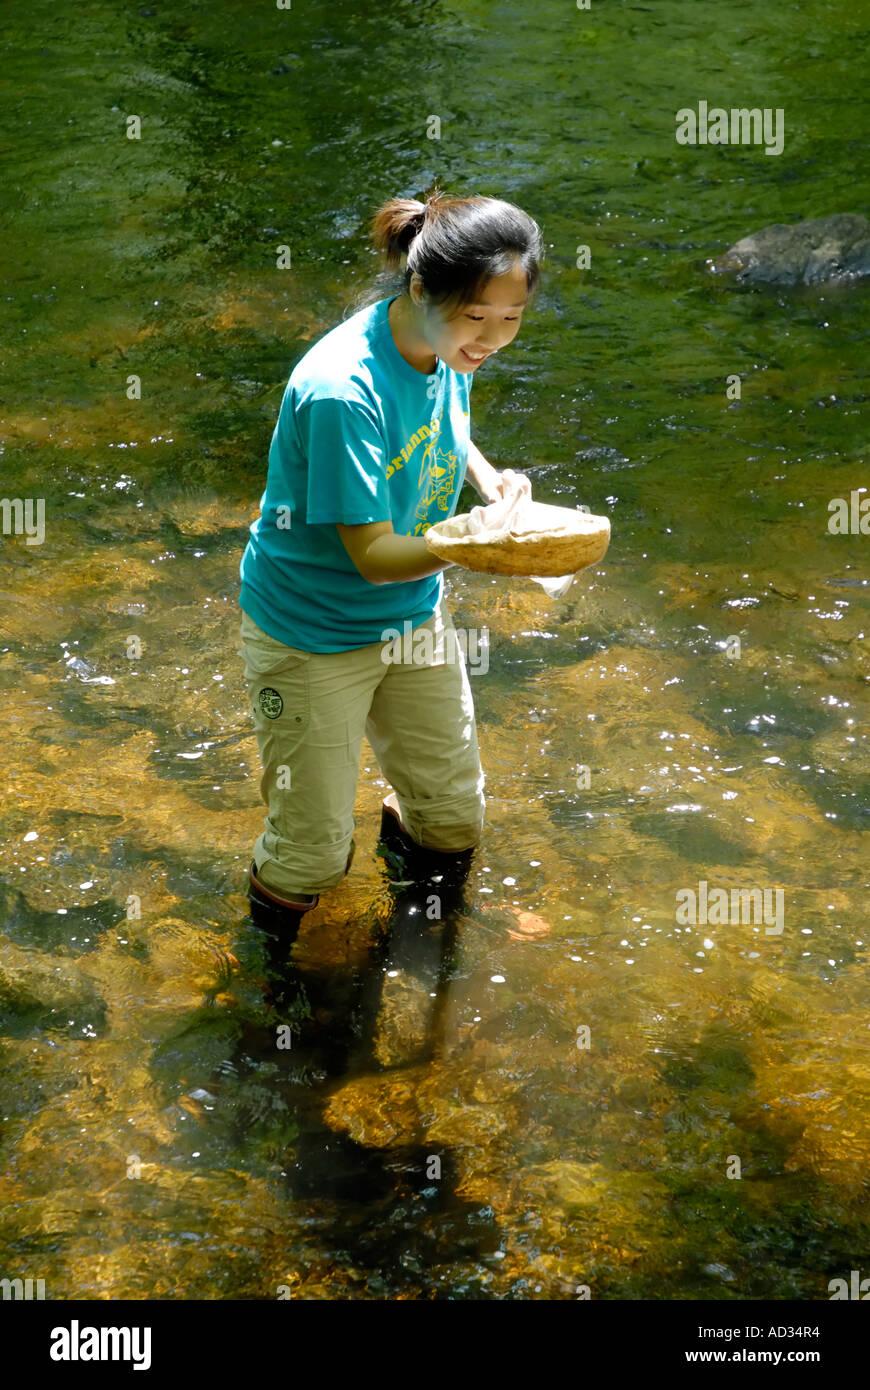 Adolescente asiático utilizando net el muestreo de agua del río para peces e invertebrados indicadores biológicos de calidad del agua. Imagen De Stock